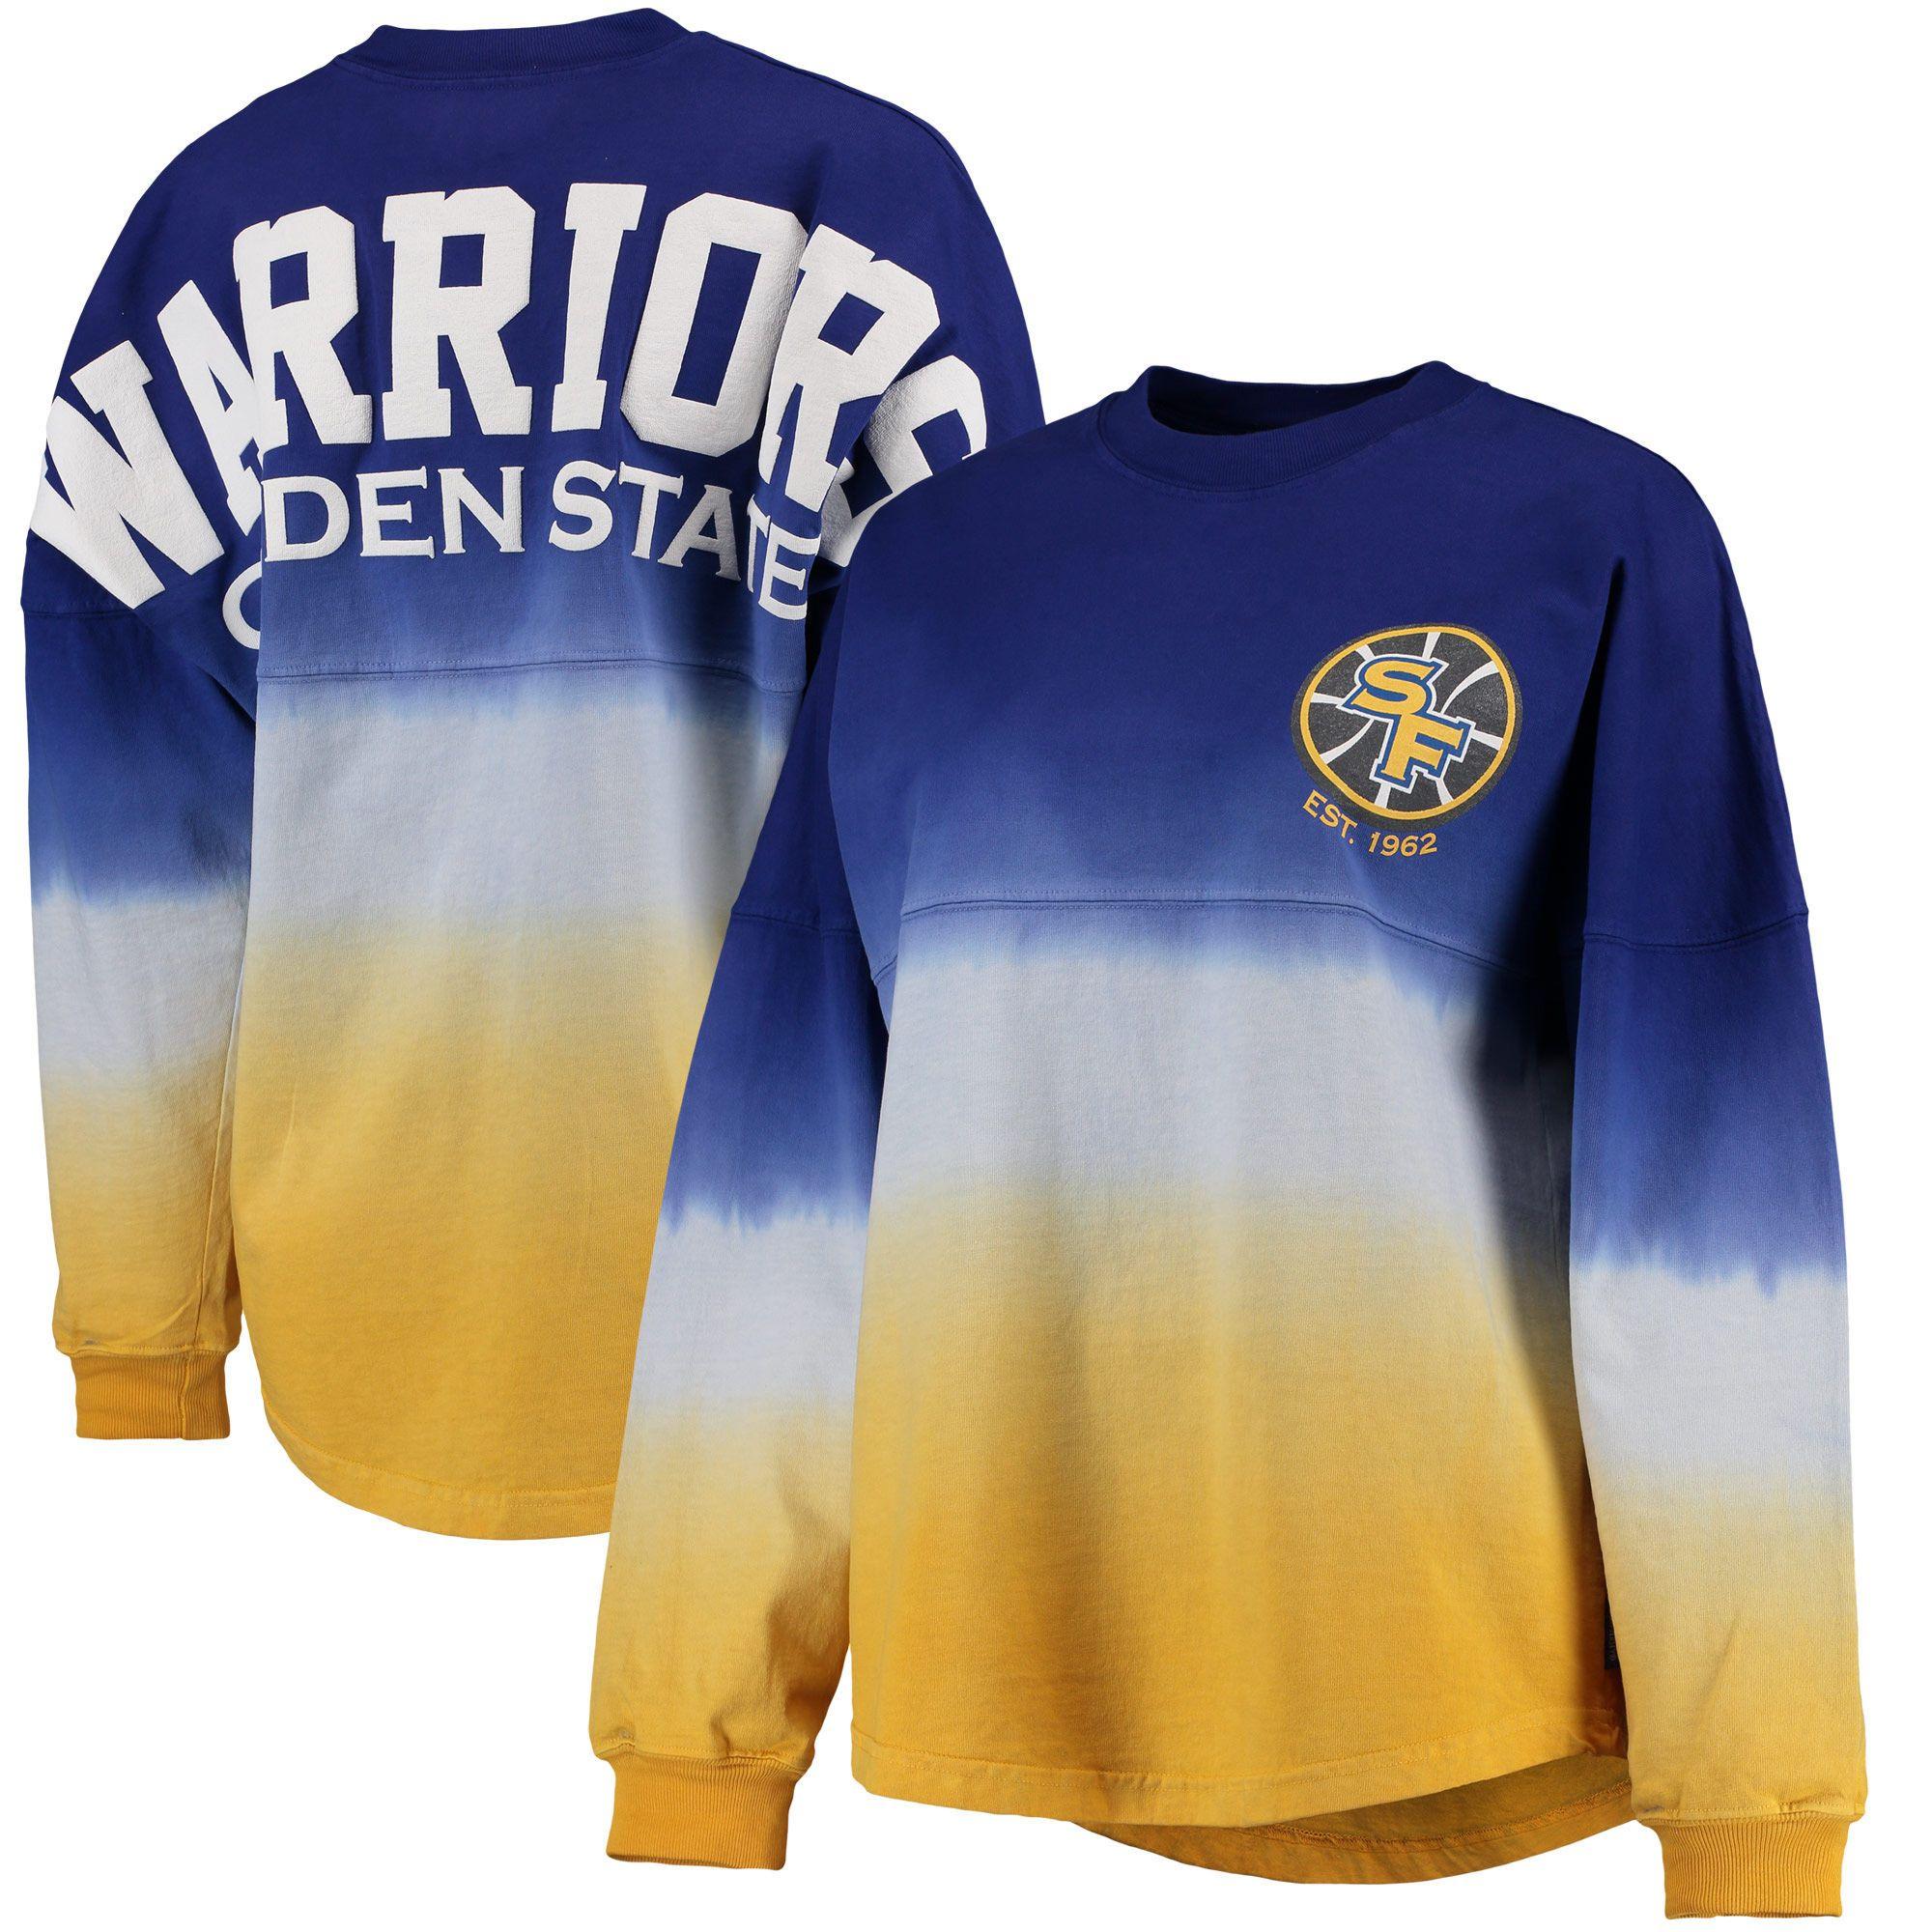 6ecaa3eeb Golden State Warriors Fanatics Branded Women s Spirit Jersey Classic Long  Sleeve T-Shirt - Royal Gold